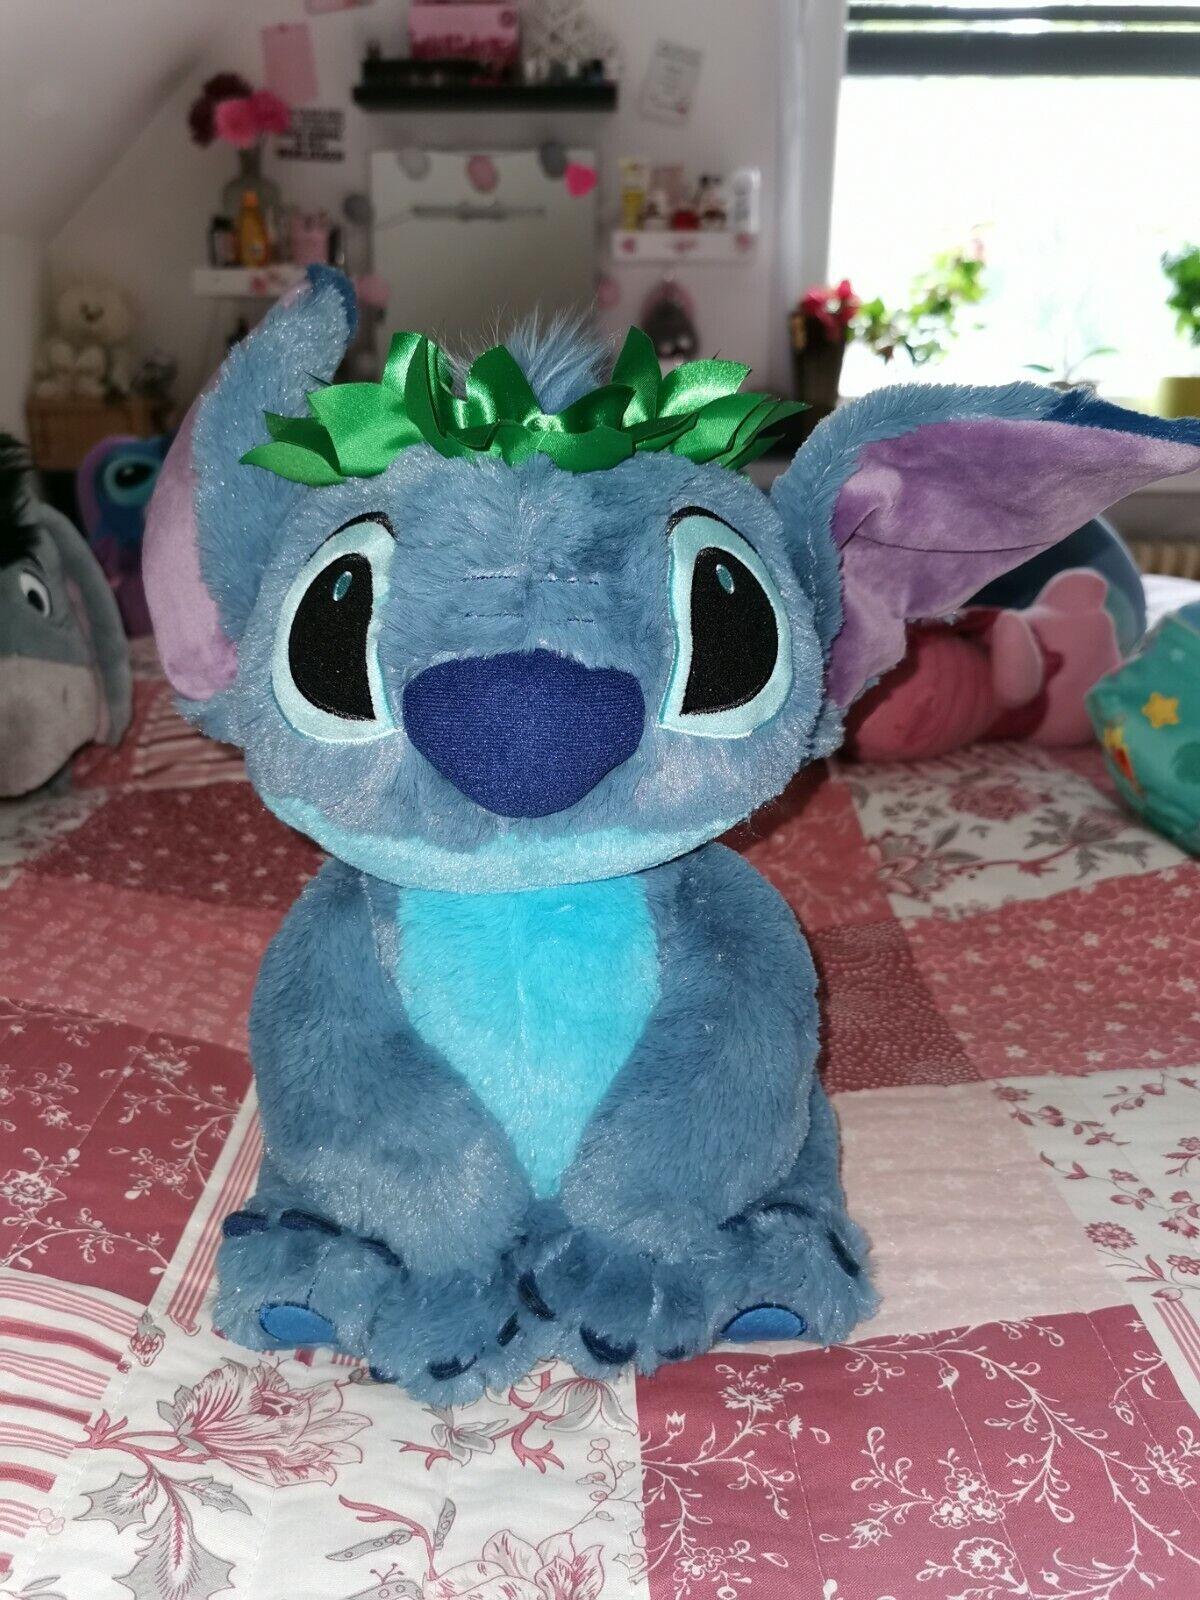 Disney Stitch mit Krone Plüschfigur sitzend